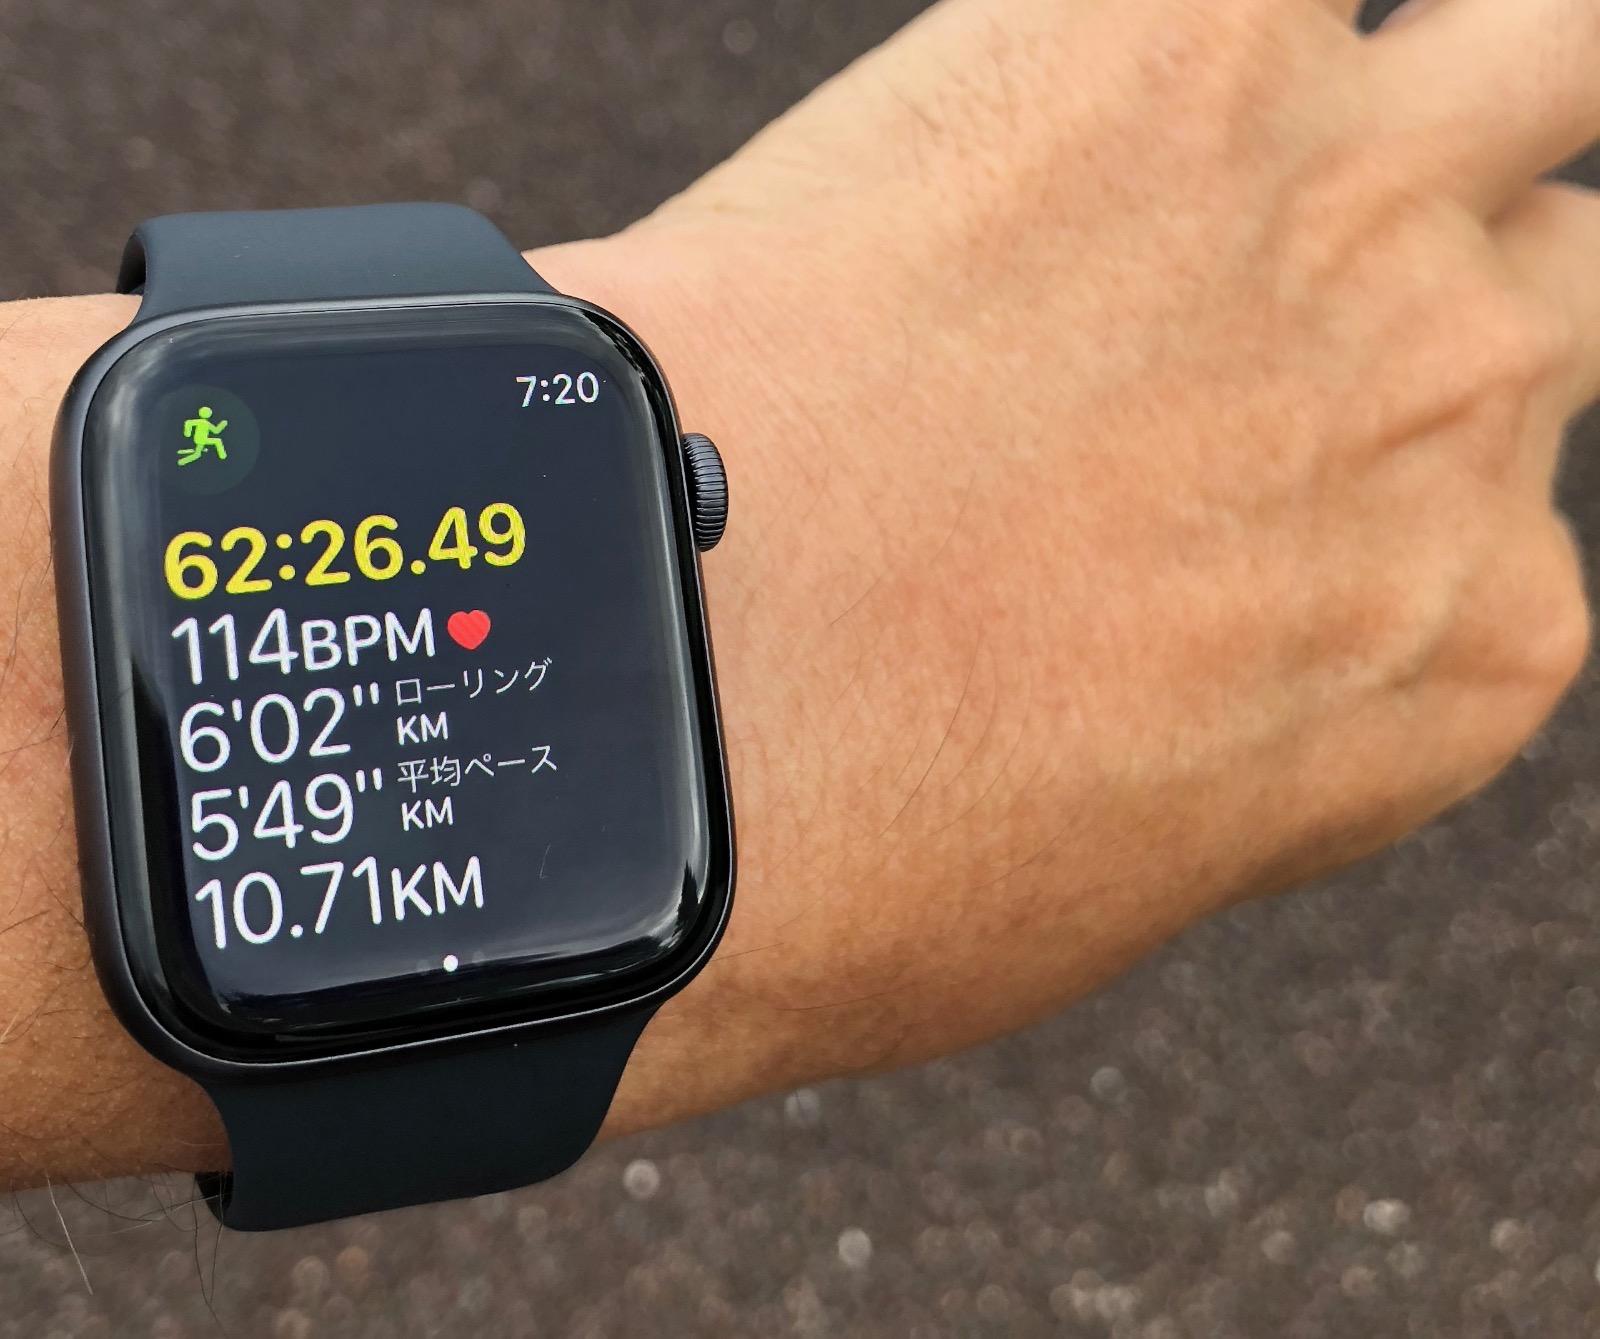 [Apple Watch]新型「Apple Watch Series 4」の文字盤「Infograph」に表示されているUV指数について調べてみたよ